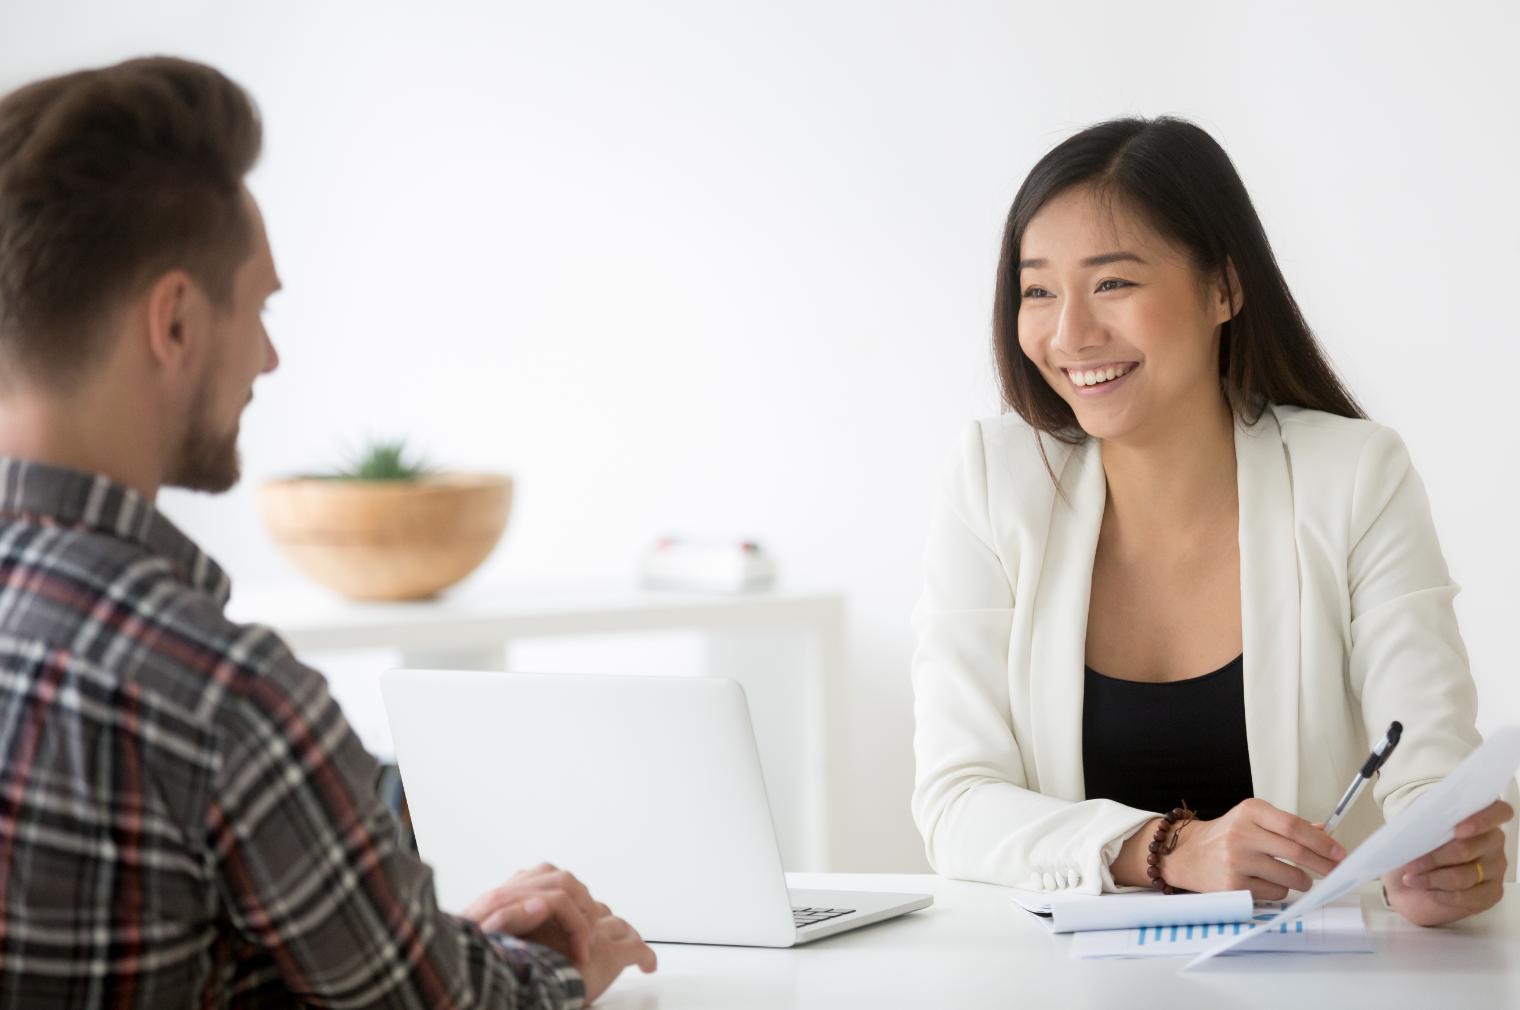 求職之路:面試常見問題及技巧,讓你面試更加得心應手!